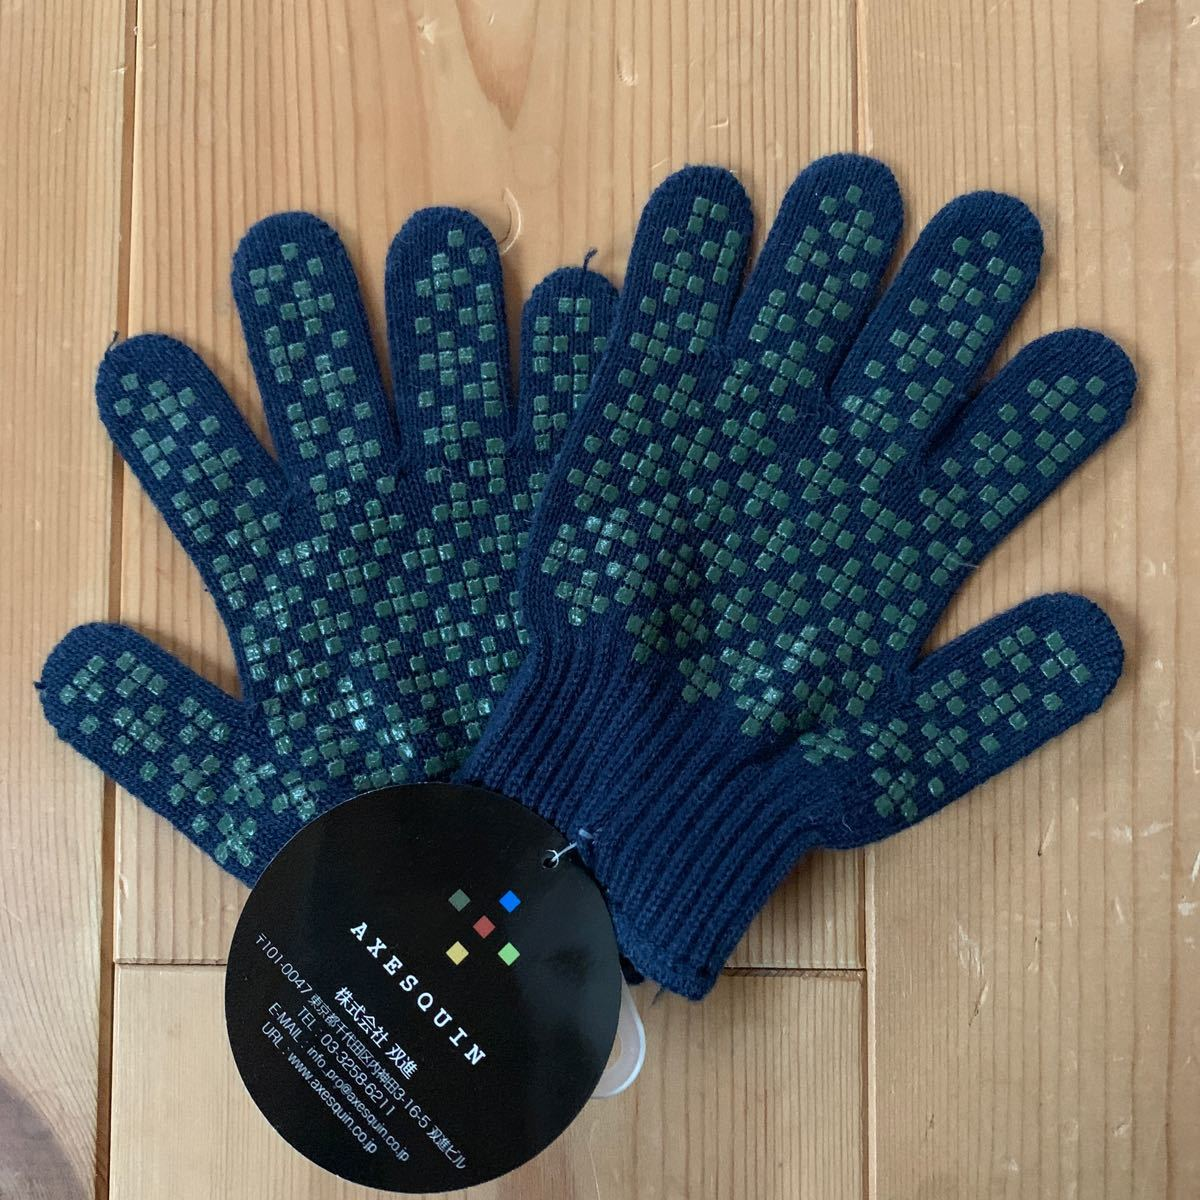 アウトドアウェア アクシーズクイン Gnome Junior's Glove (ネイビー) サイズJM  手袋 子供用軍手